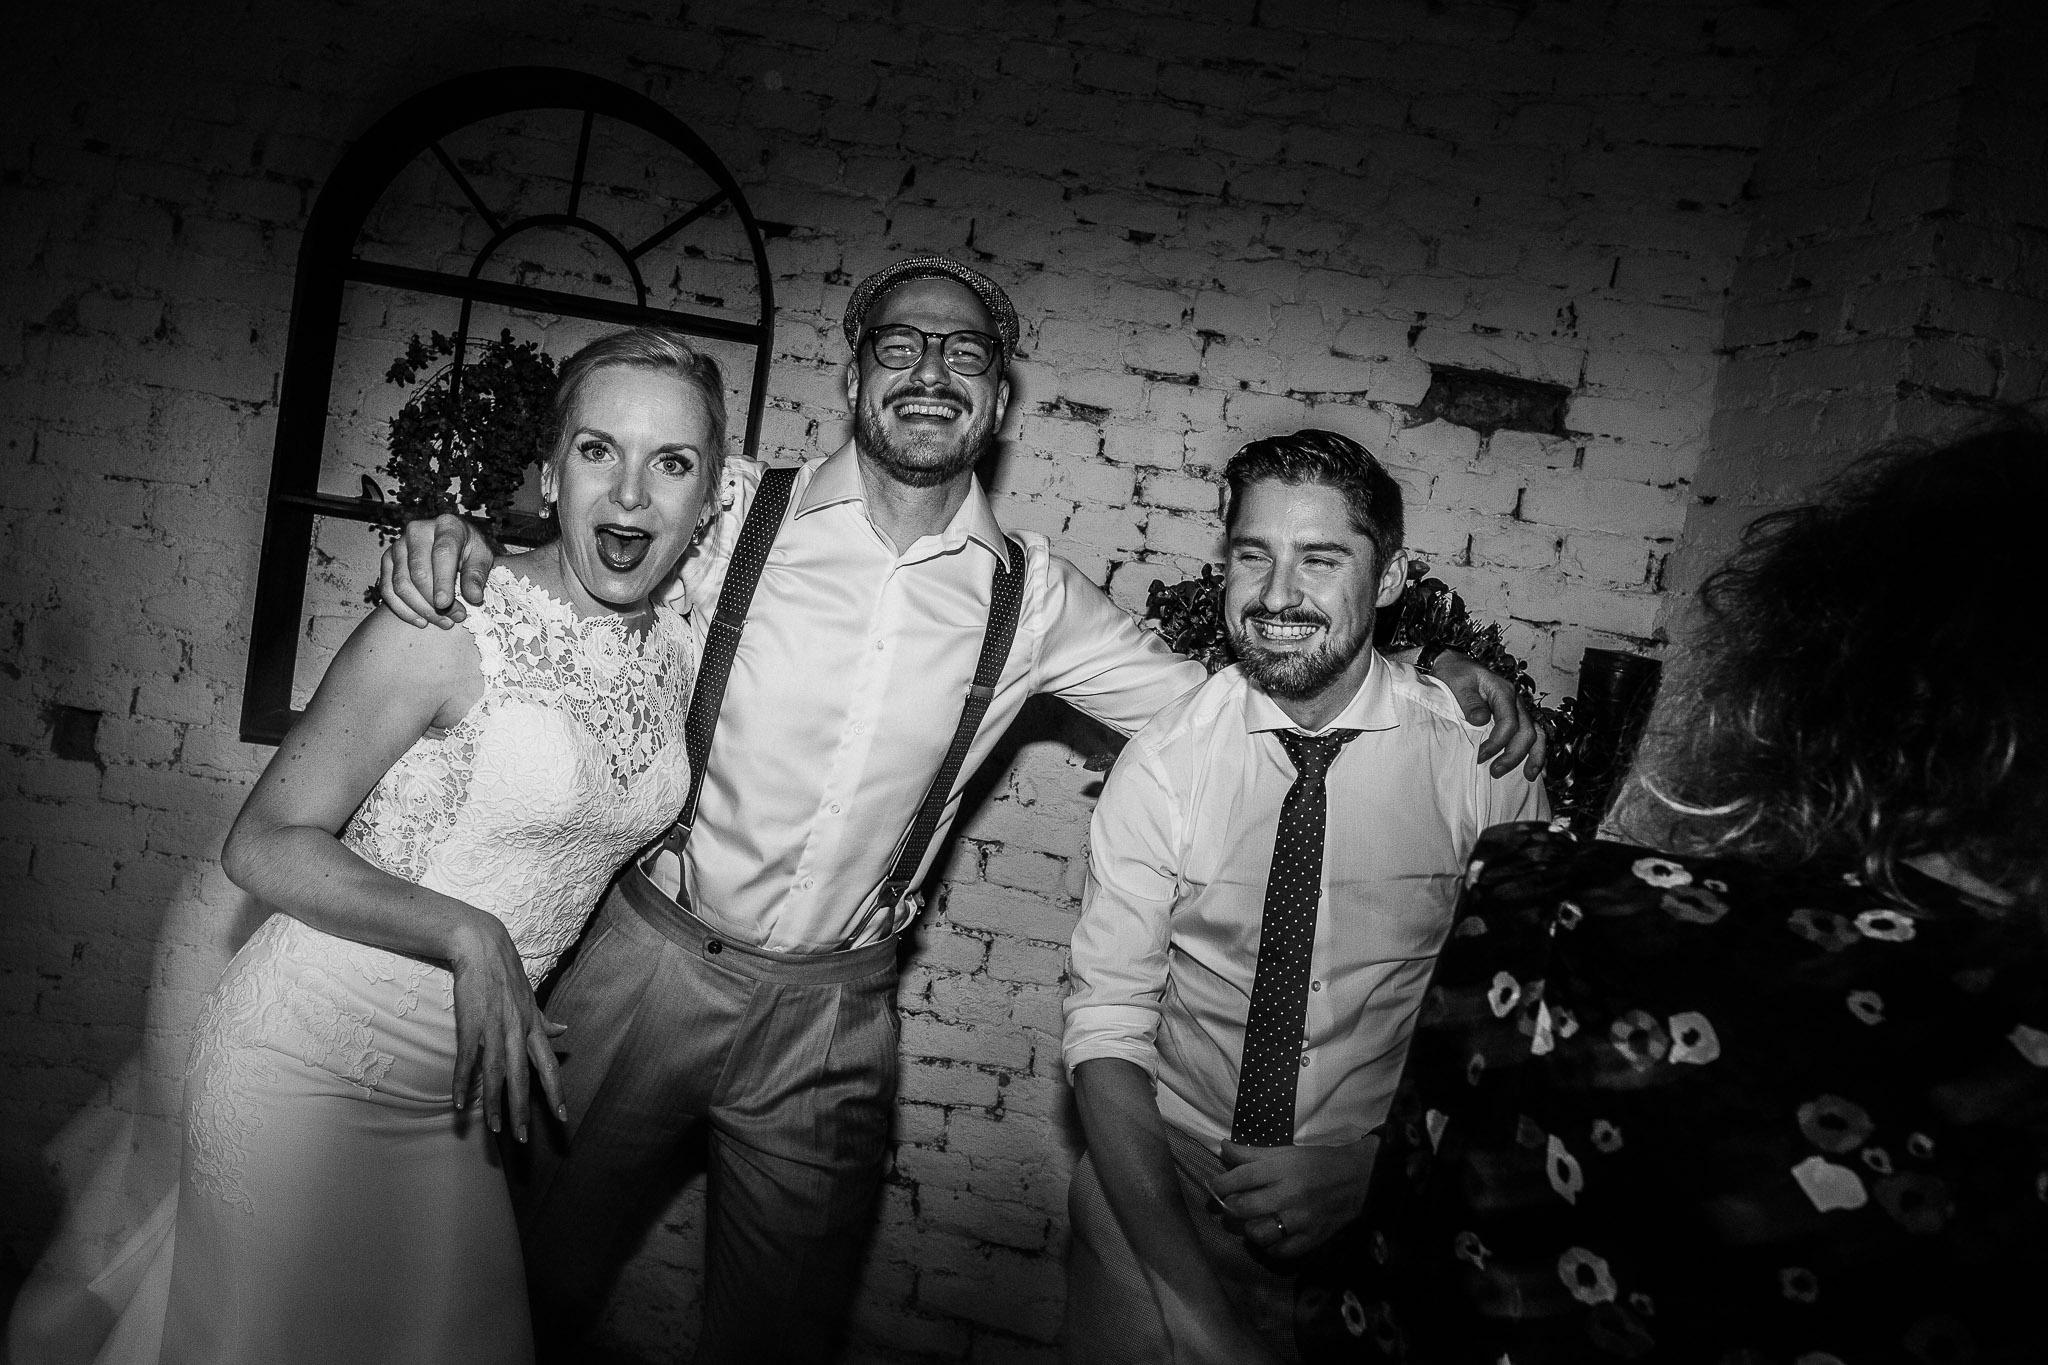 Wedding party with dances and music at La Villa Hotel, Mombaruzzo